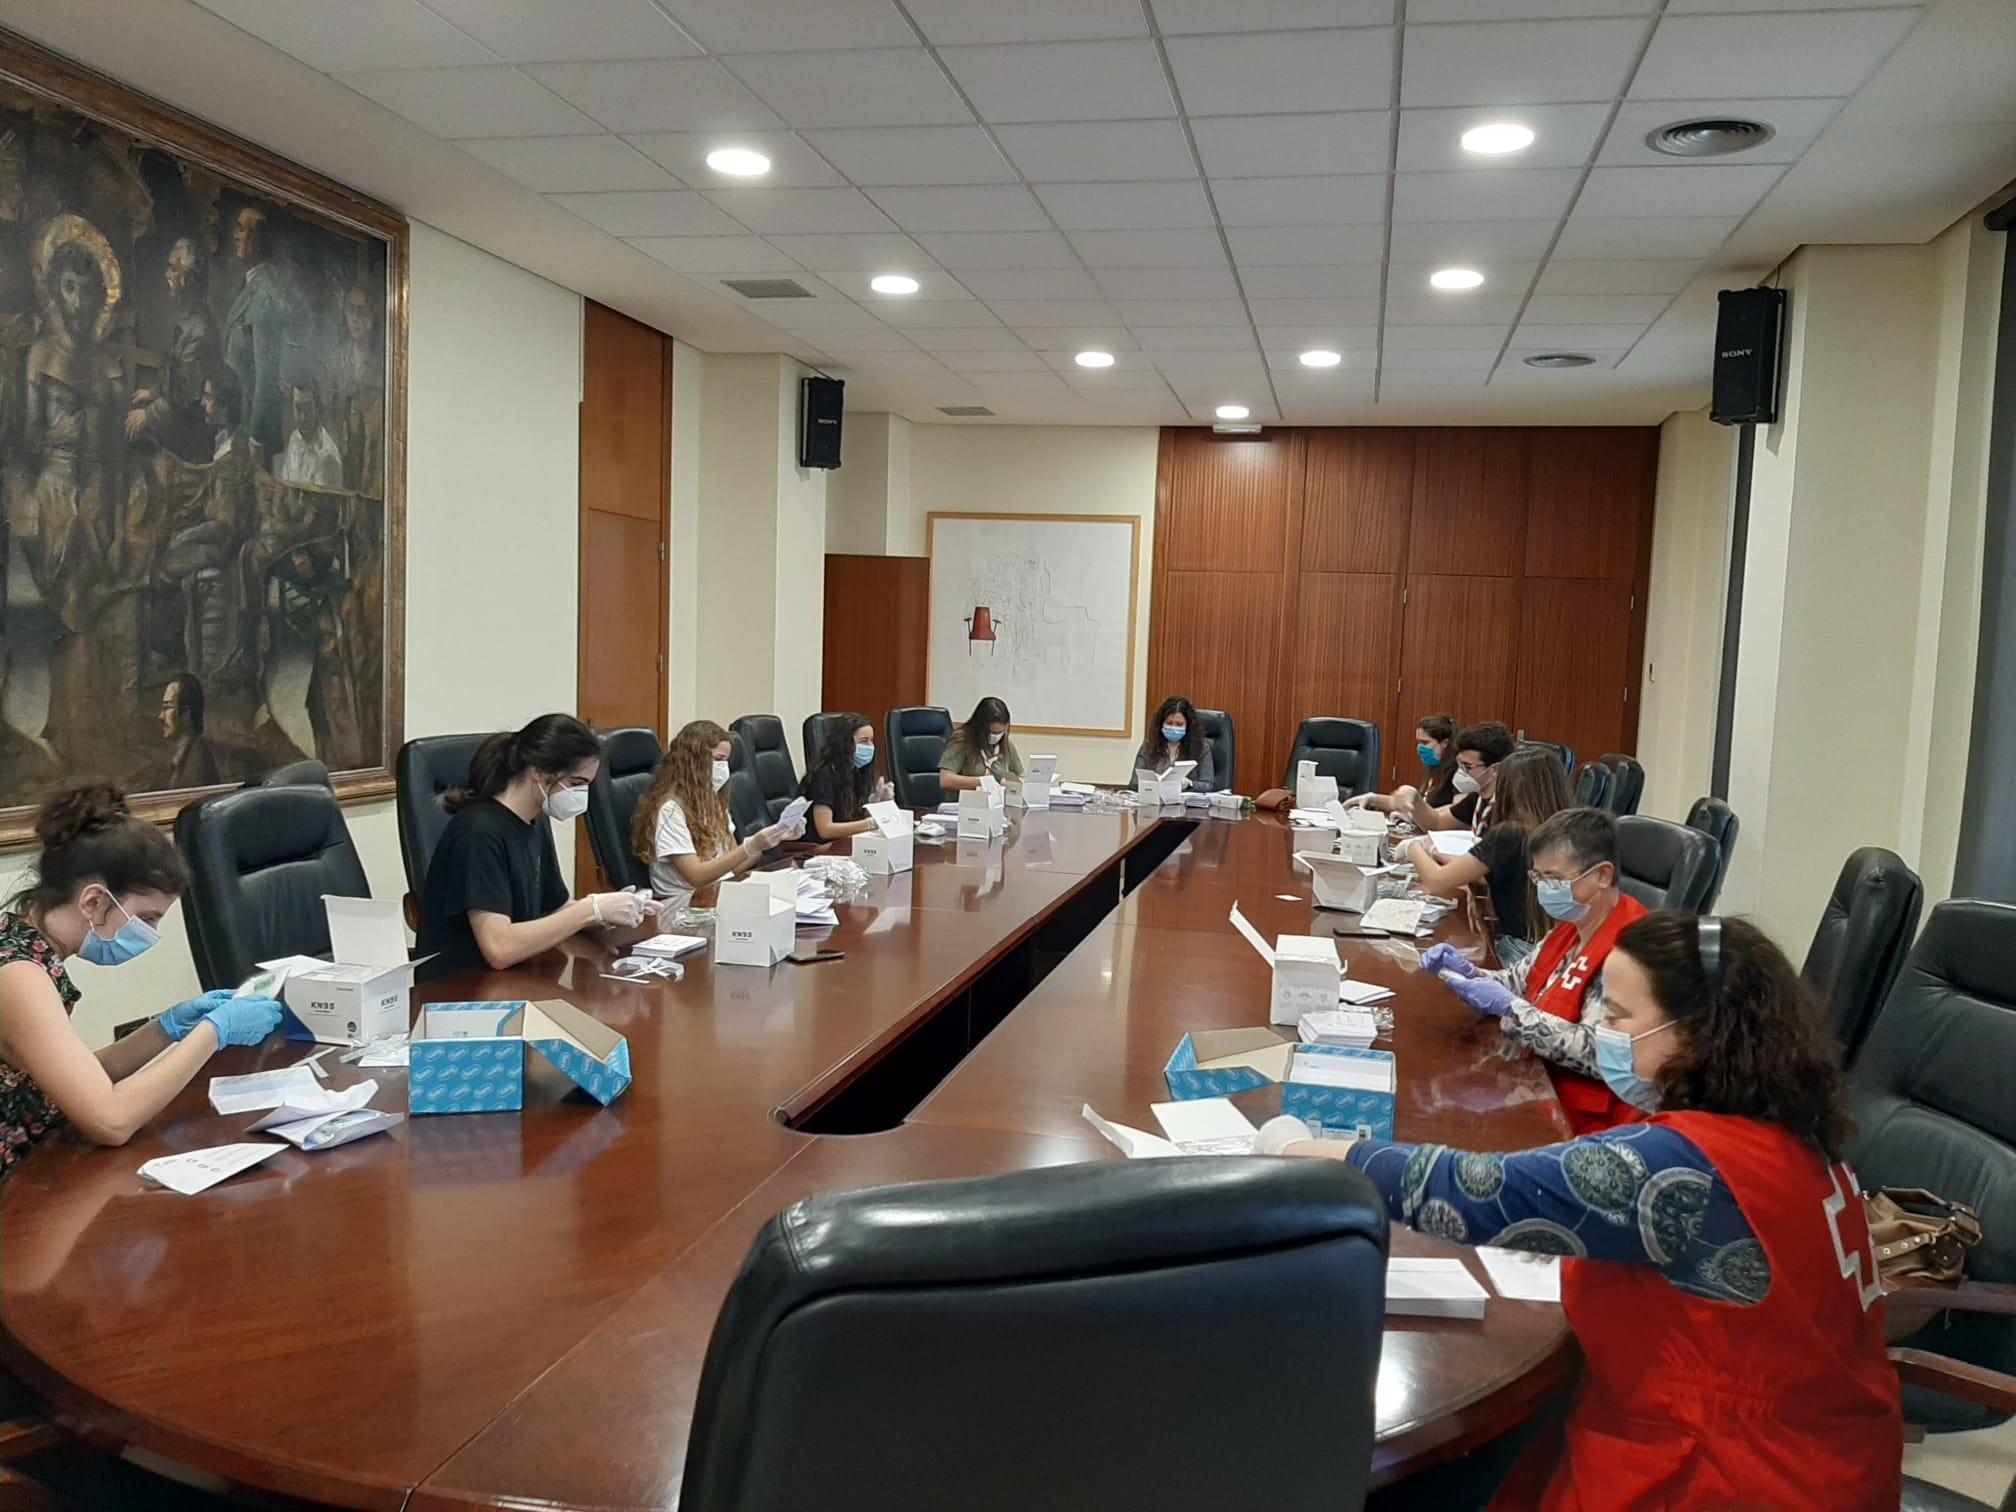 El Ayuntamiento de Borriana convoca ayudas para proyectos de actividades dirigidas a la juventud